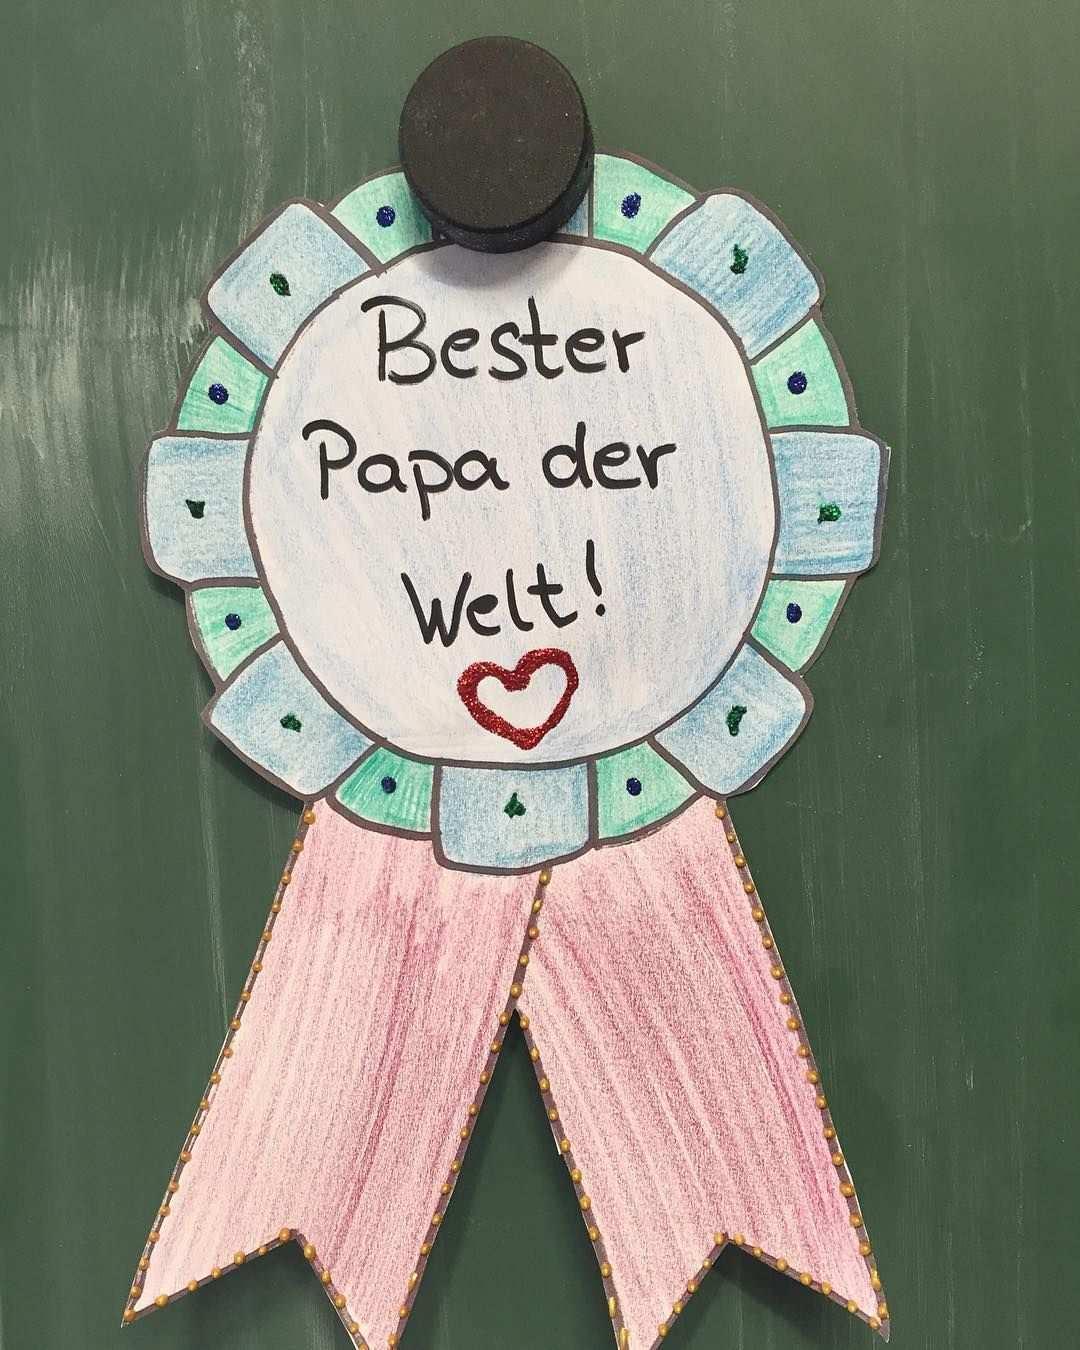 Wie Viele Andere Auch Haben Wir Ein Medaille Zum Vatertag Gebastelt Da Wir Morgen Sportfest Und Am Freitag Einen Bew Bottle Opener Wall Presents Perfect Party